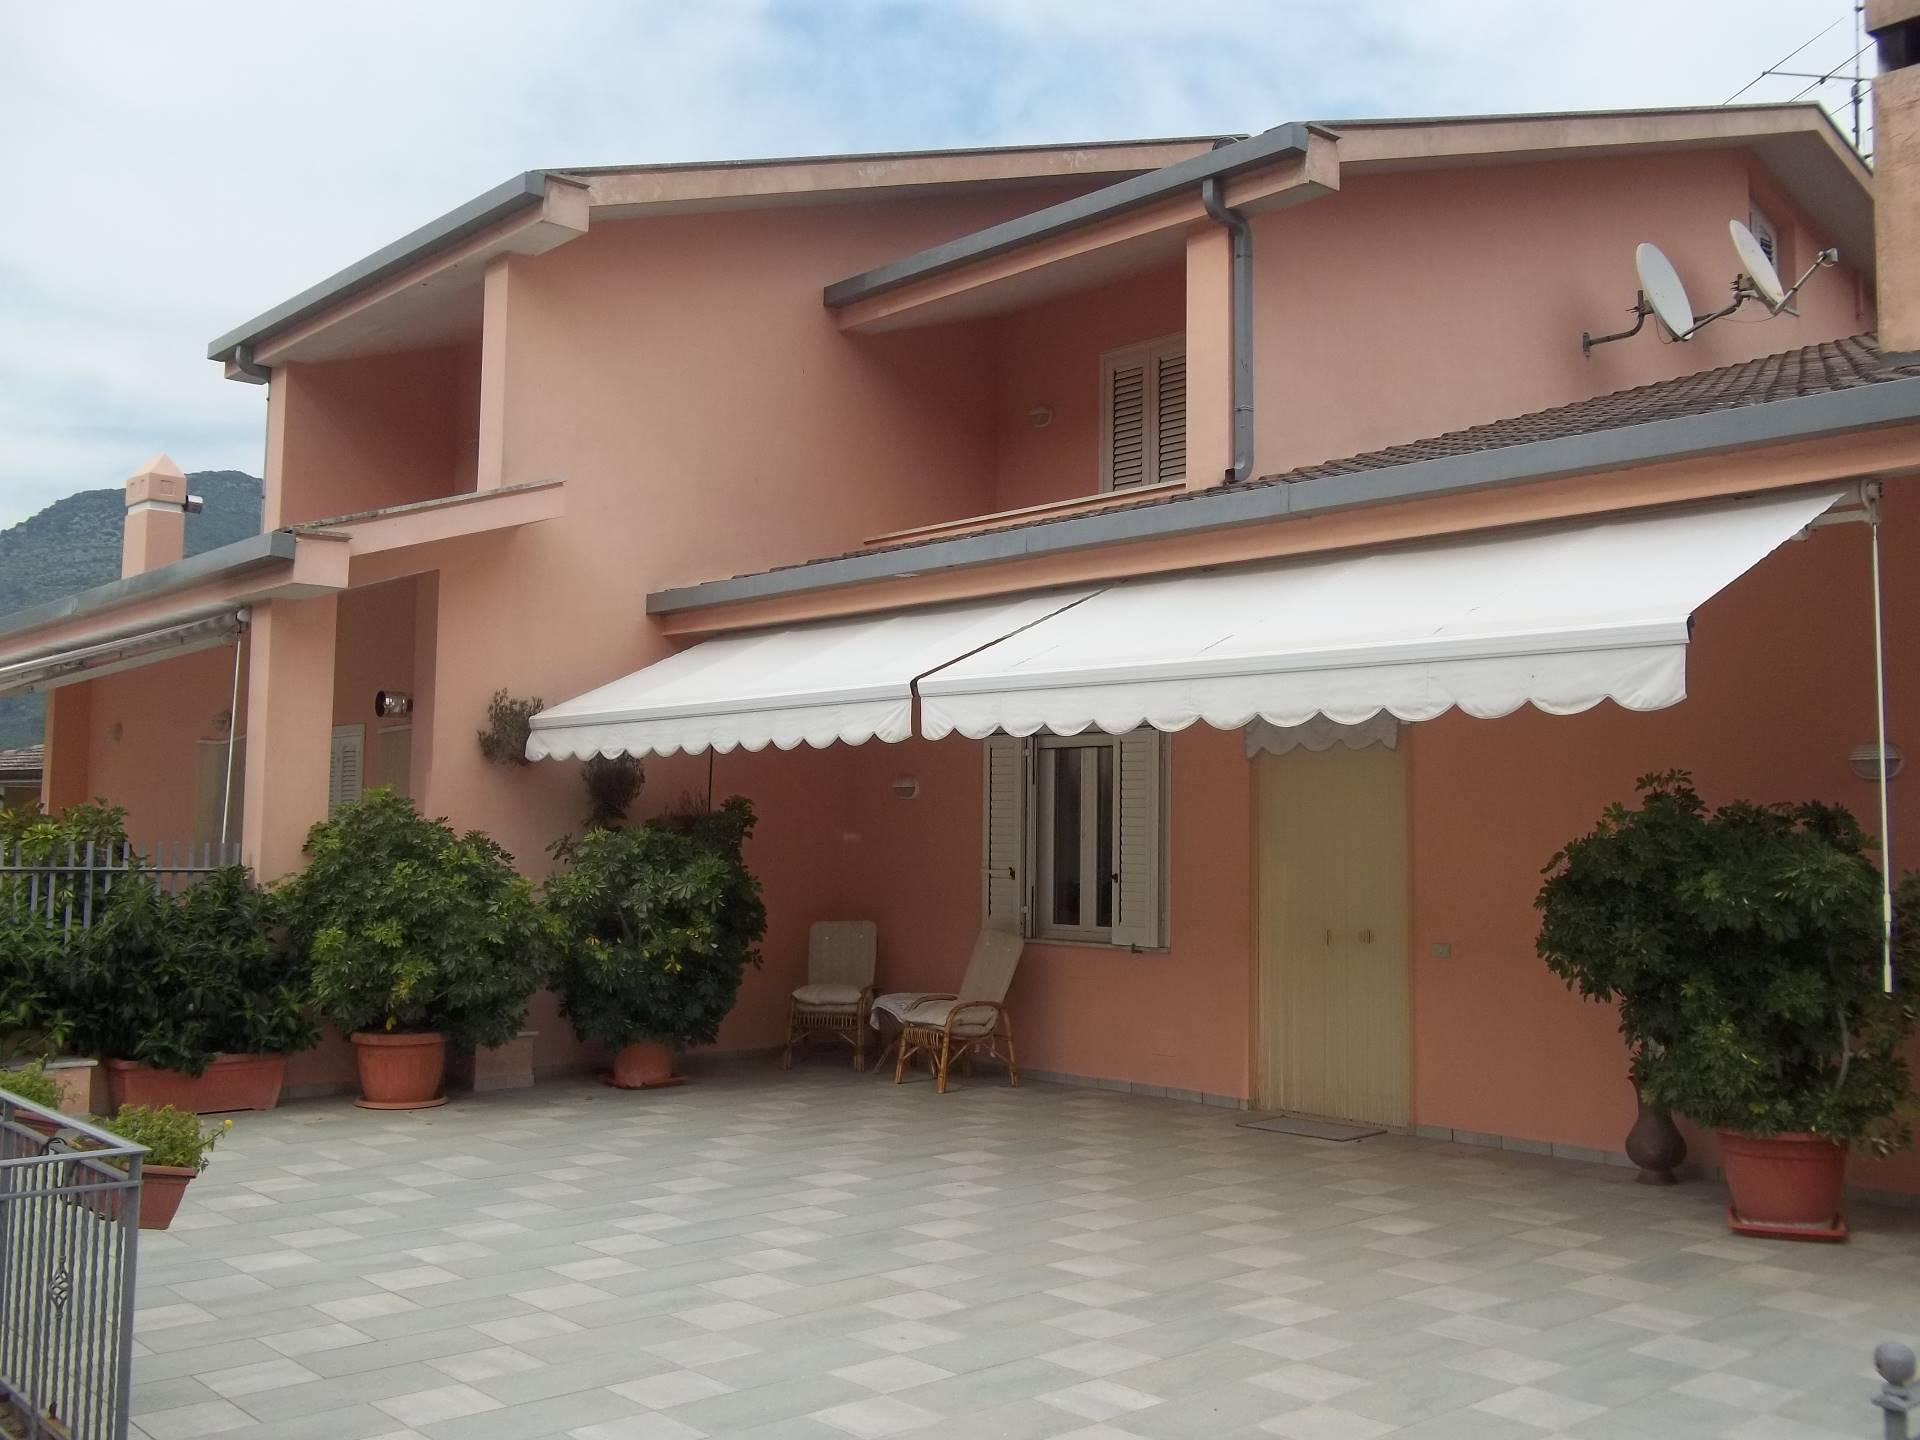 Soluzione Indipendente in vendita a Monte San Biagio, 8 locali, zona Zona: Vallemarina, prezzo € 310.000 | CambioCasa.it